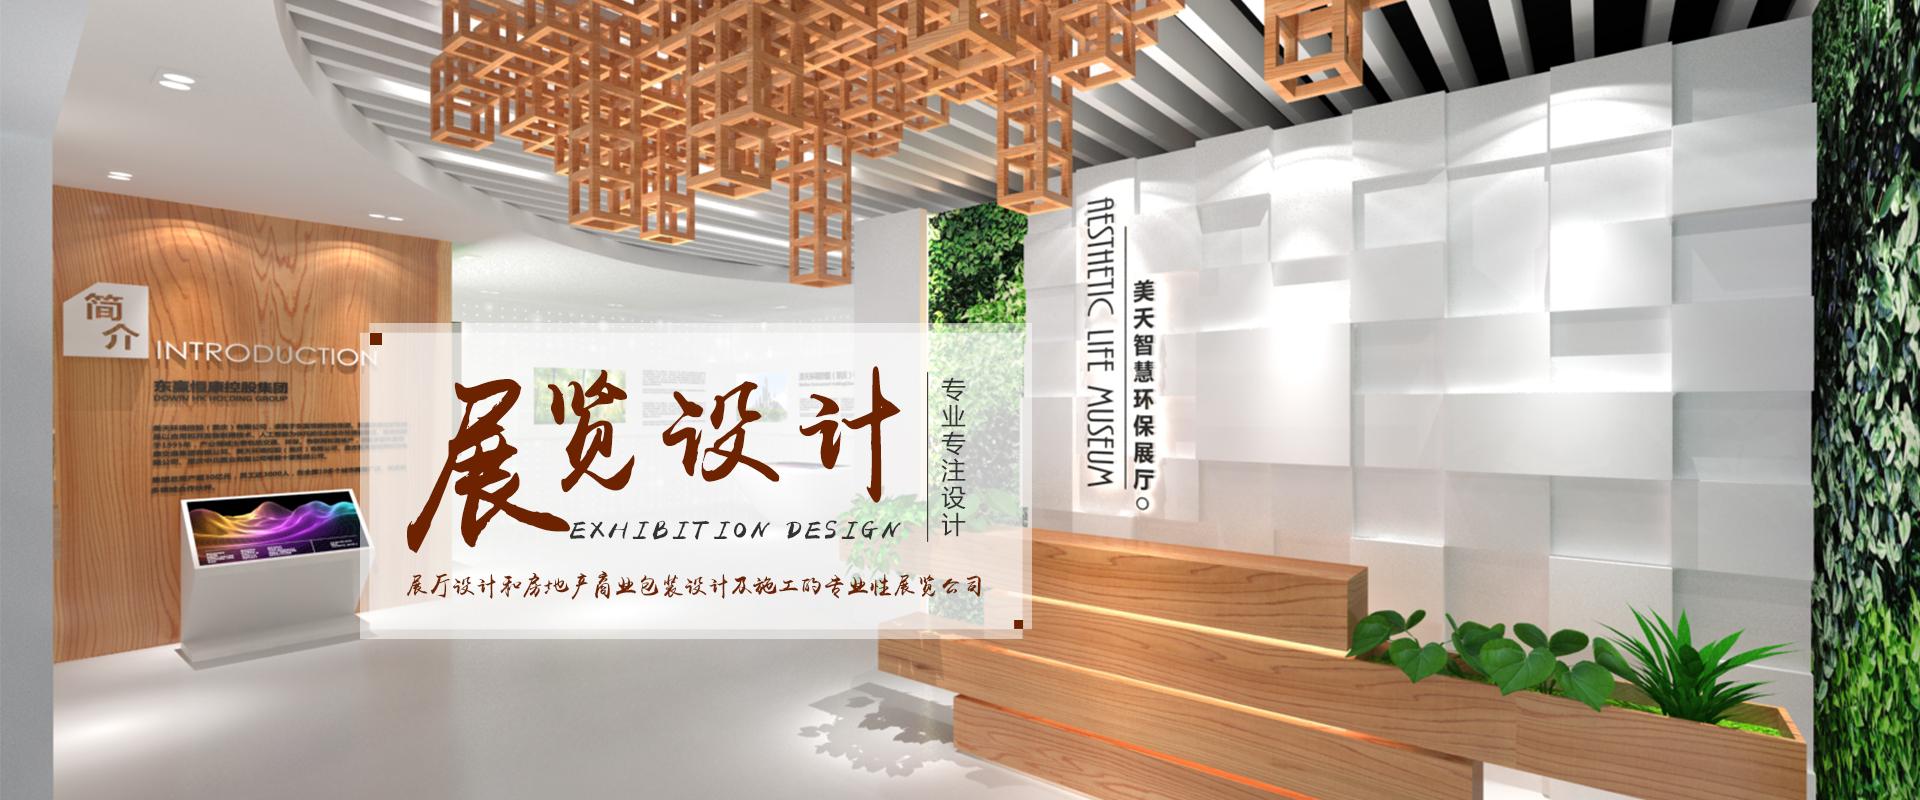 重庆展台设计搭建